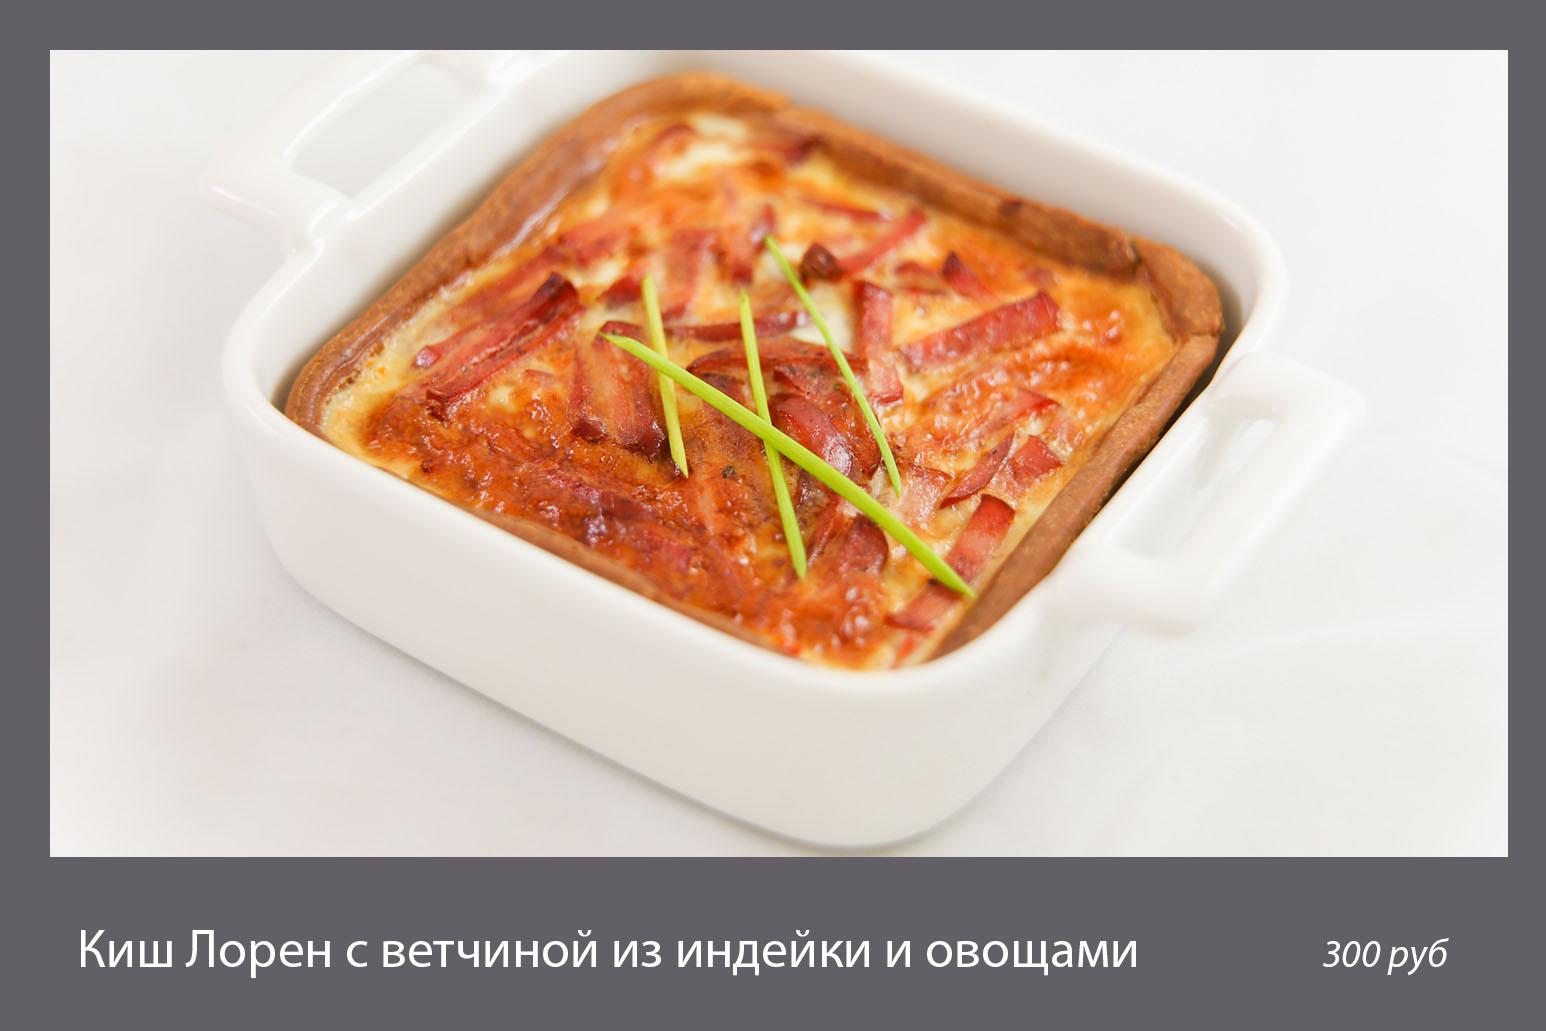 Киш_с_ветчиной_и_овощами.jpg